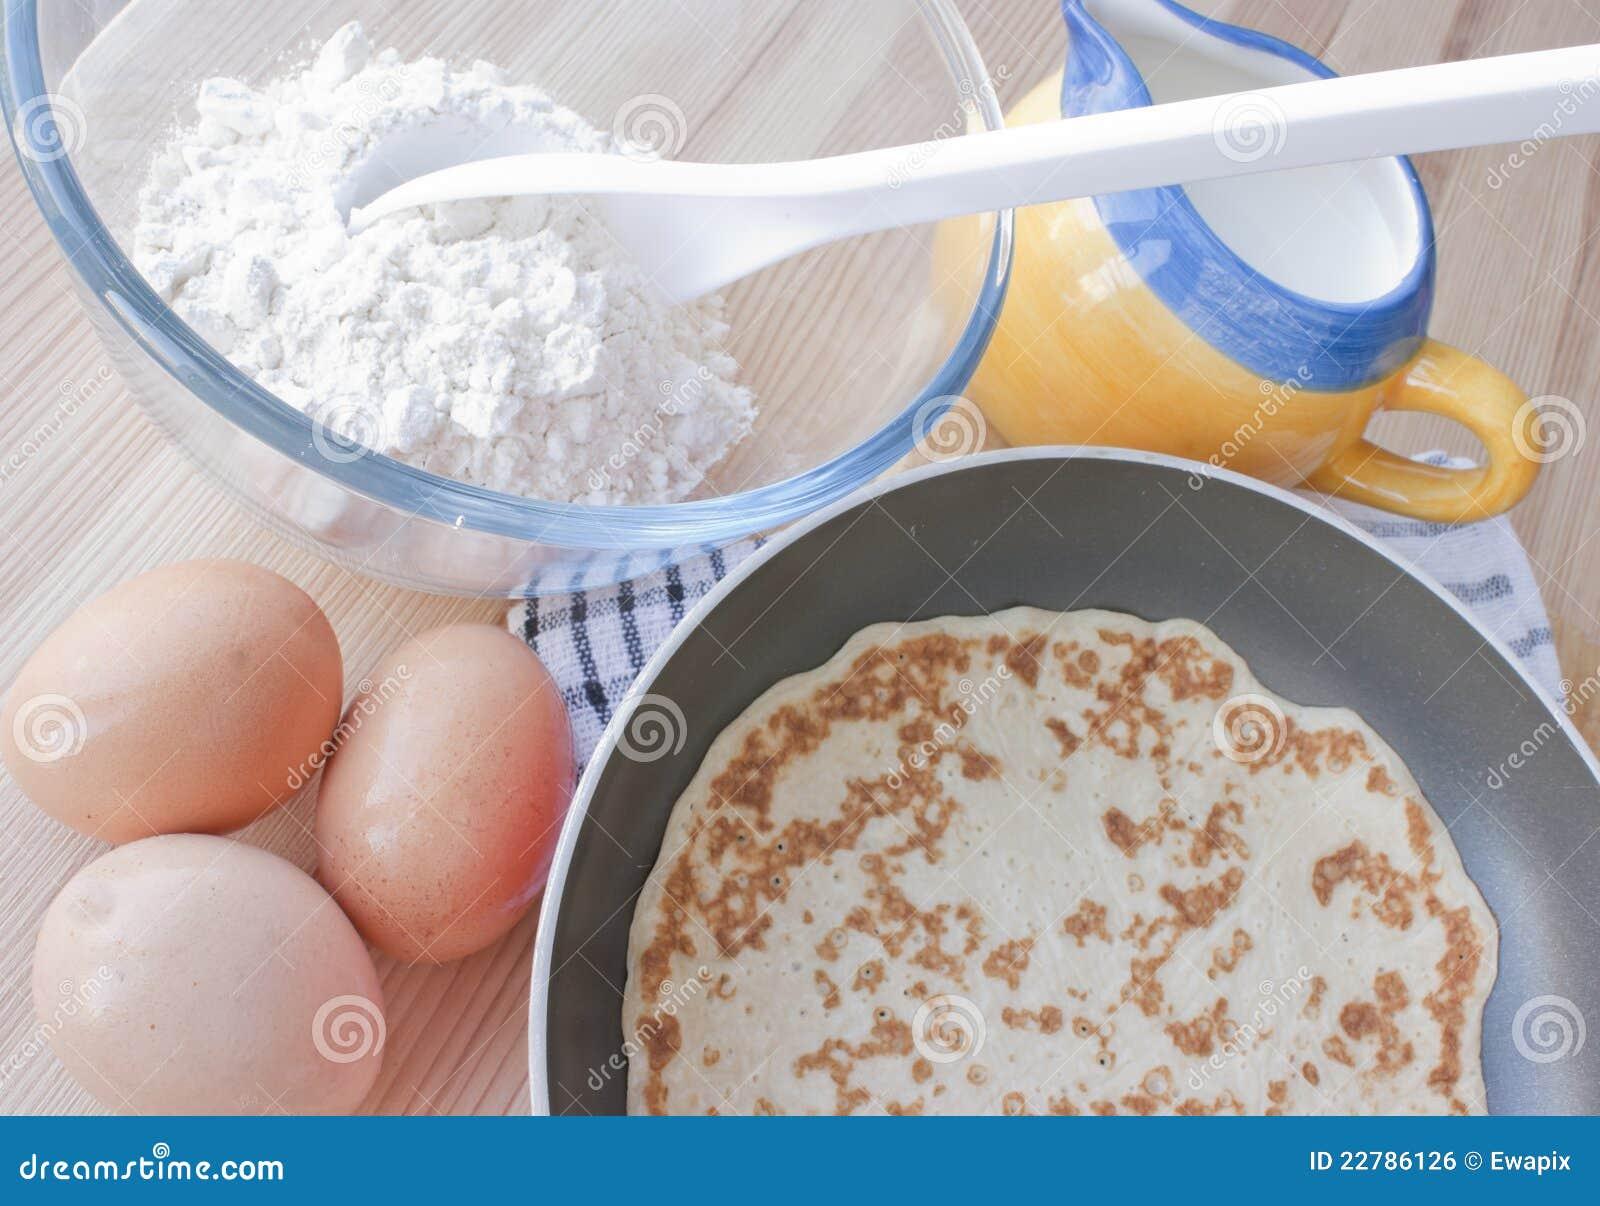 κατασκευή των τηγανιτών